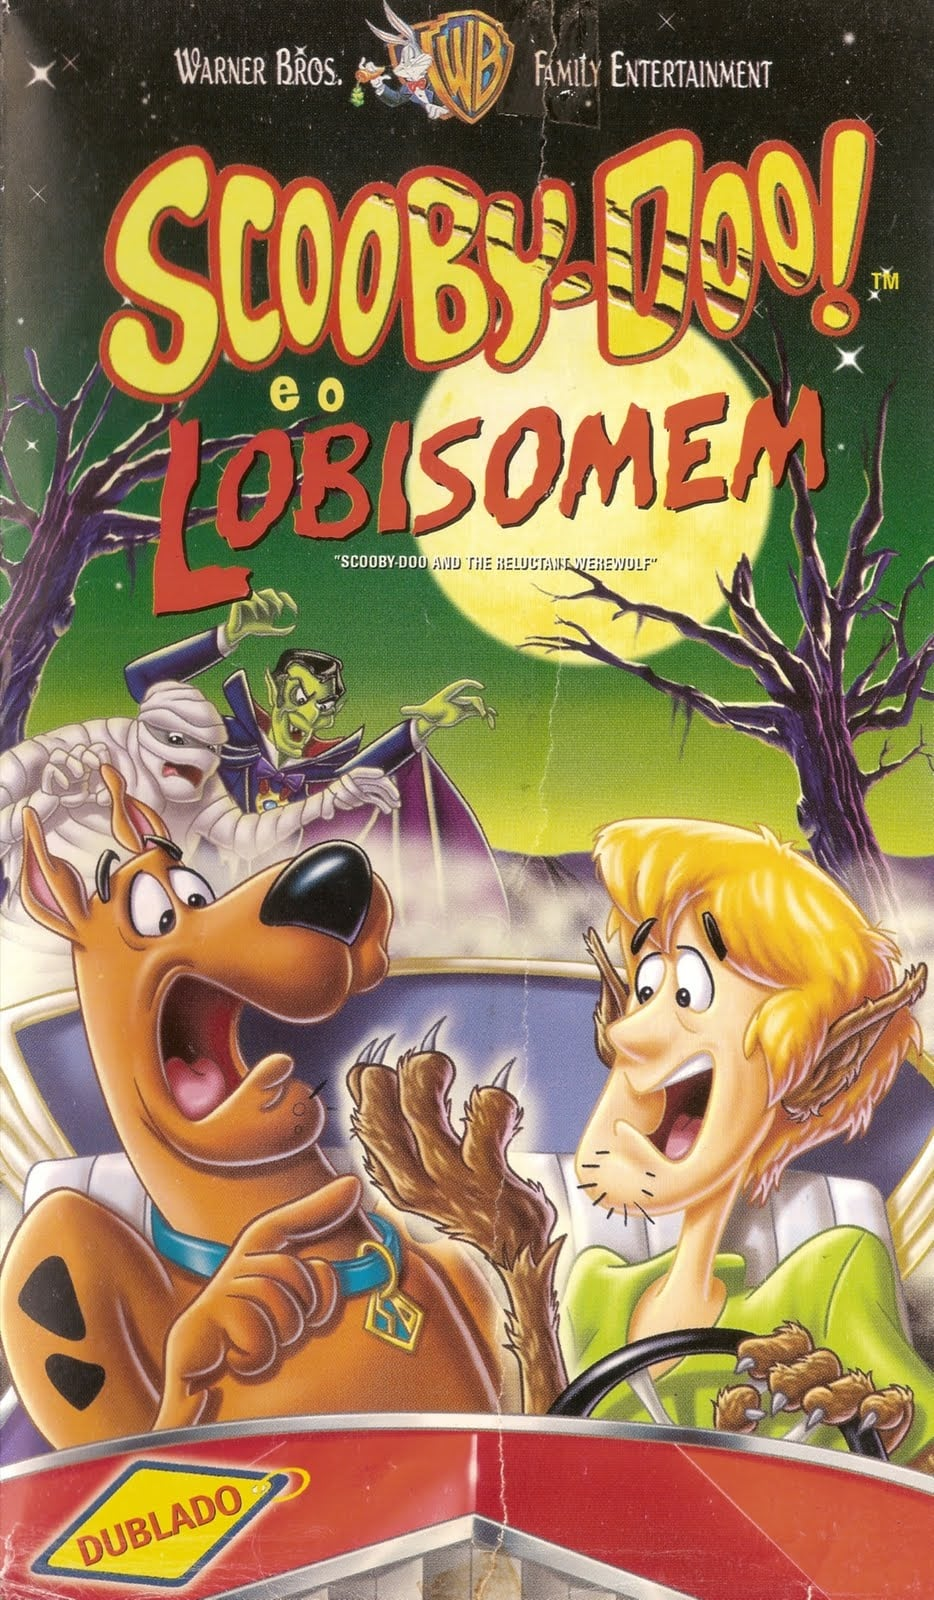 Scooby-Doo! e o Lobisomem Dublado